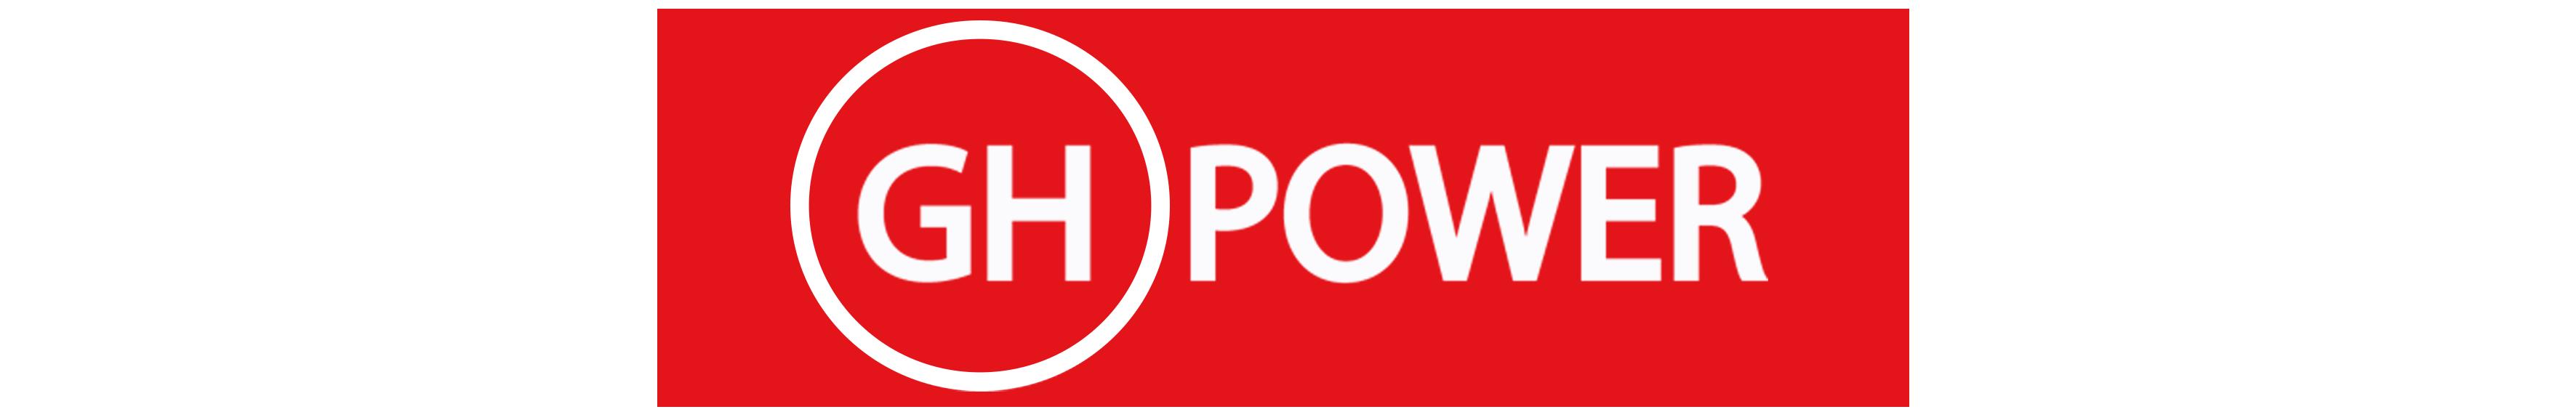 GH Power